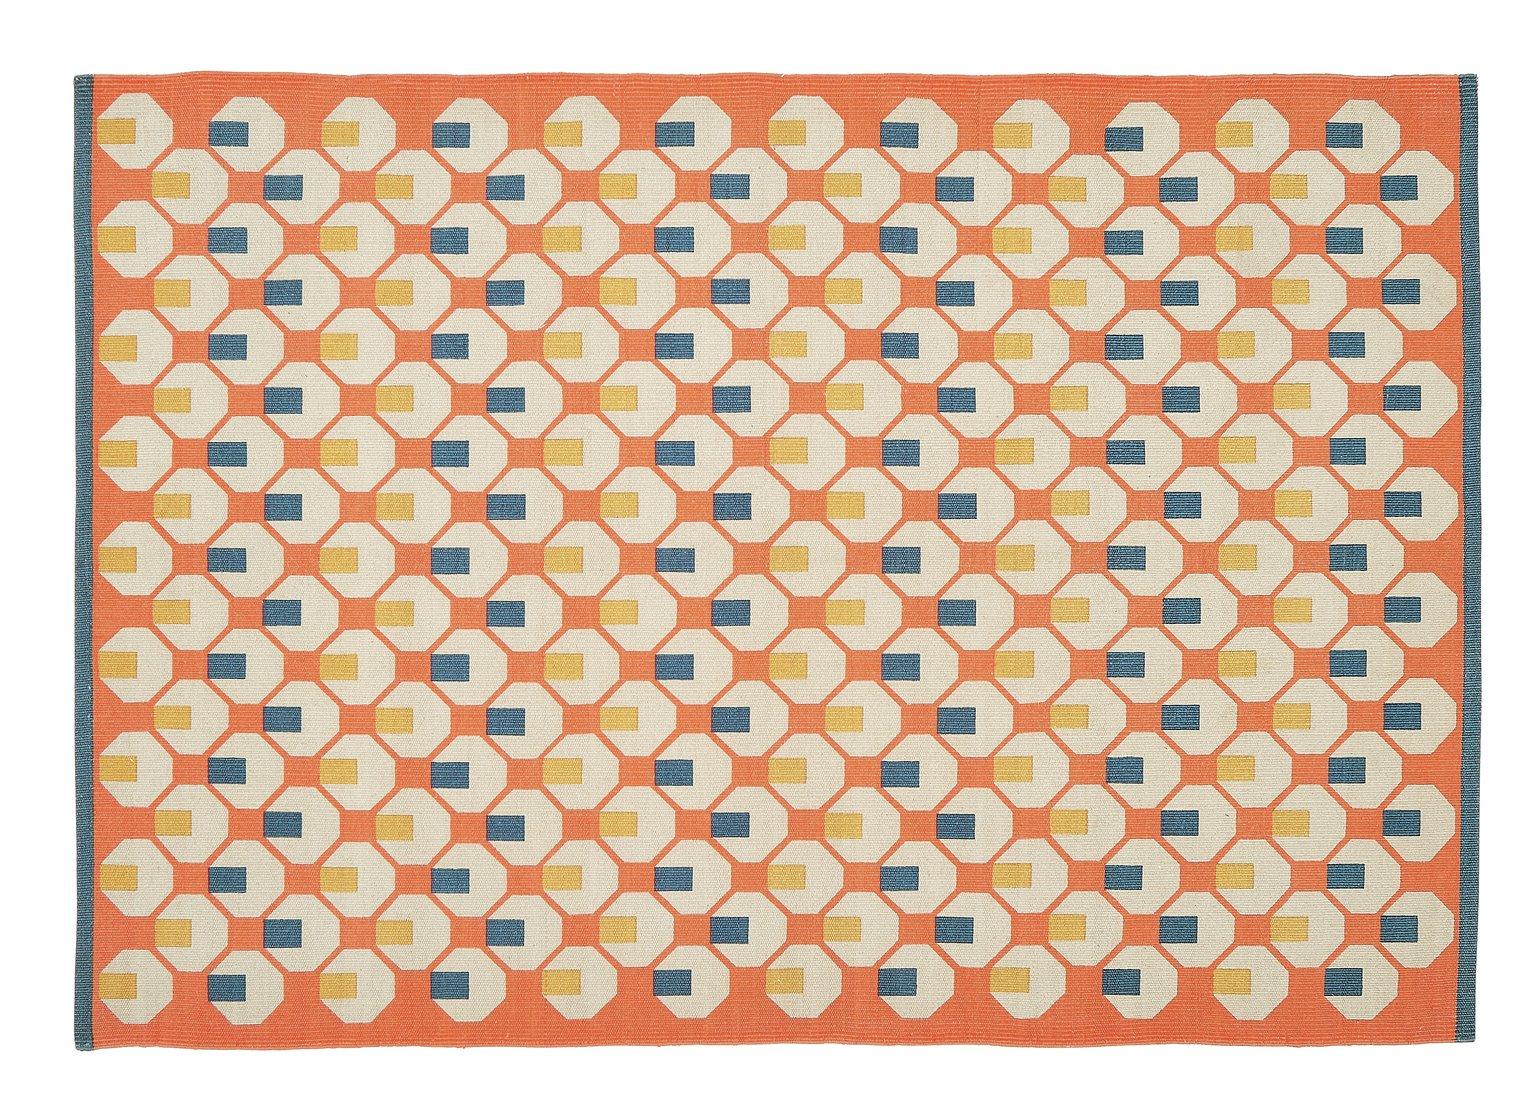 Habitat Octo Rug - 80x130cm - Orange